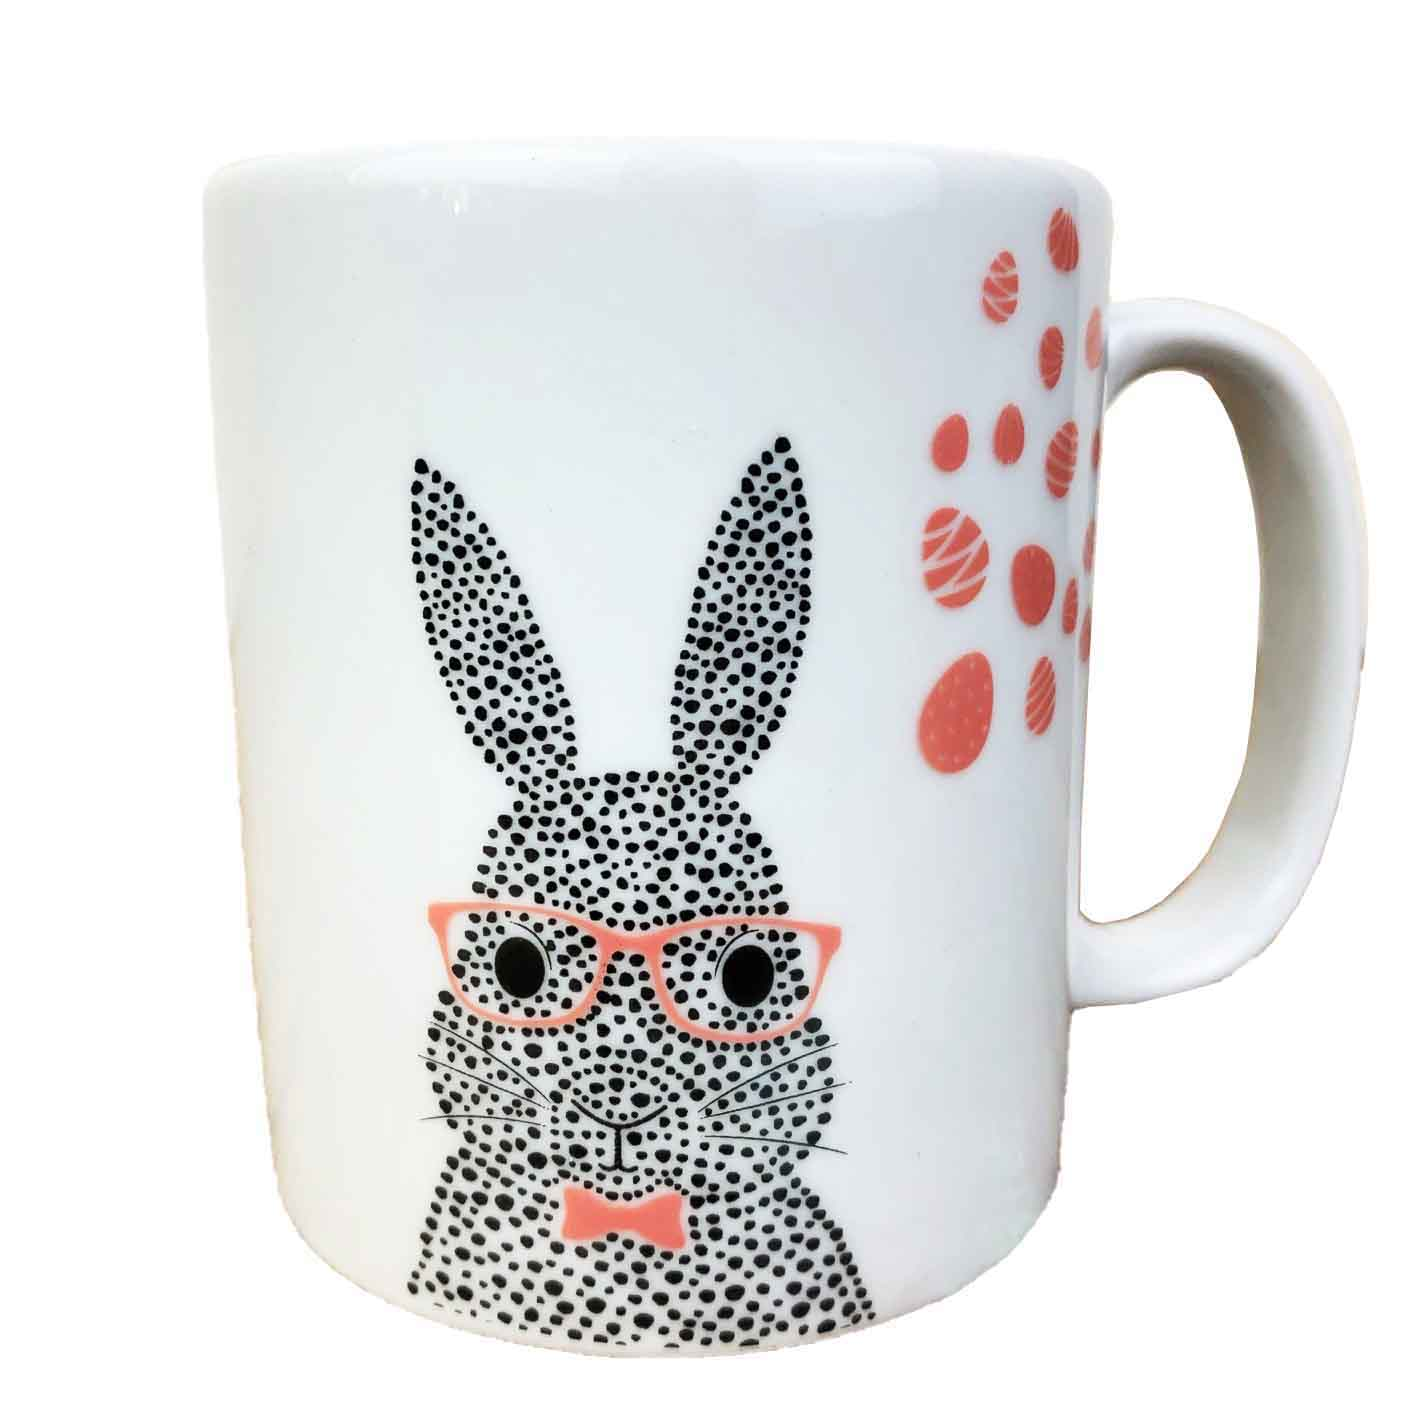 Caneca Bunny, em porcelana 290ml, coleção exclusiva Jardim de Páscoa